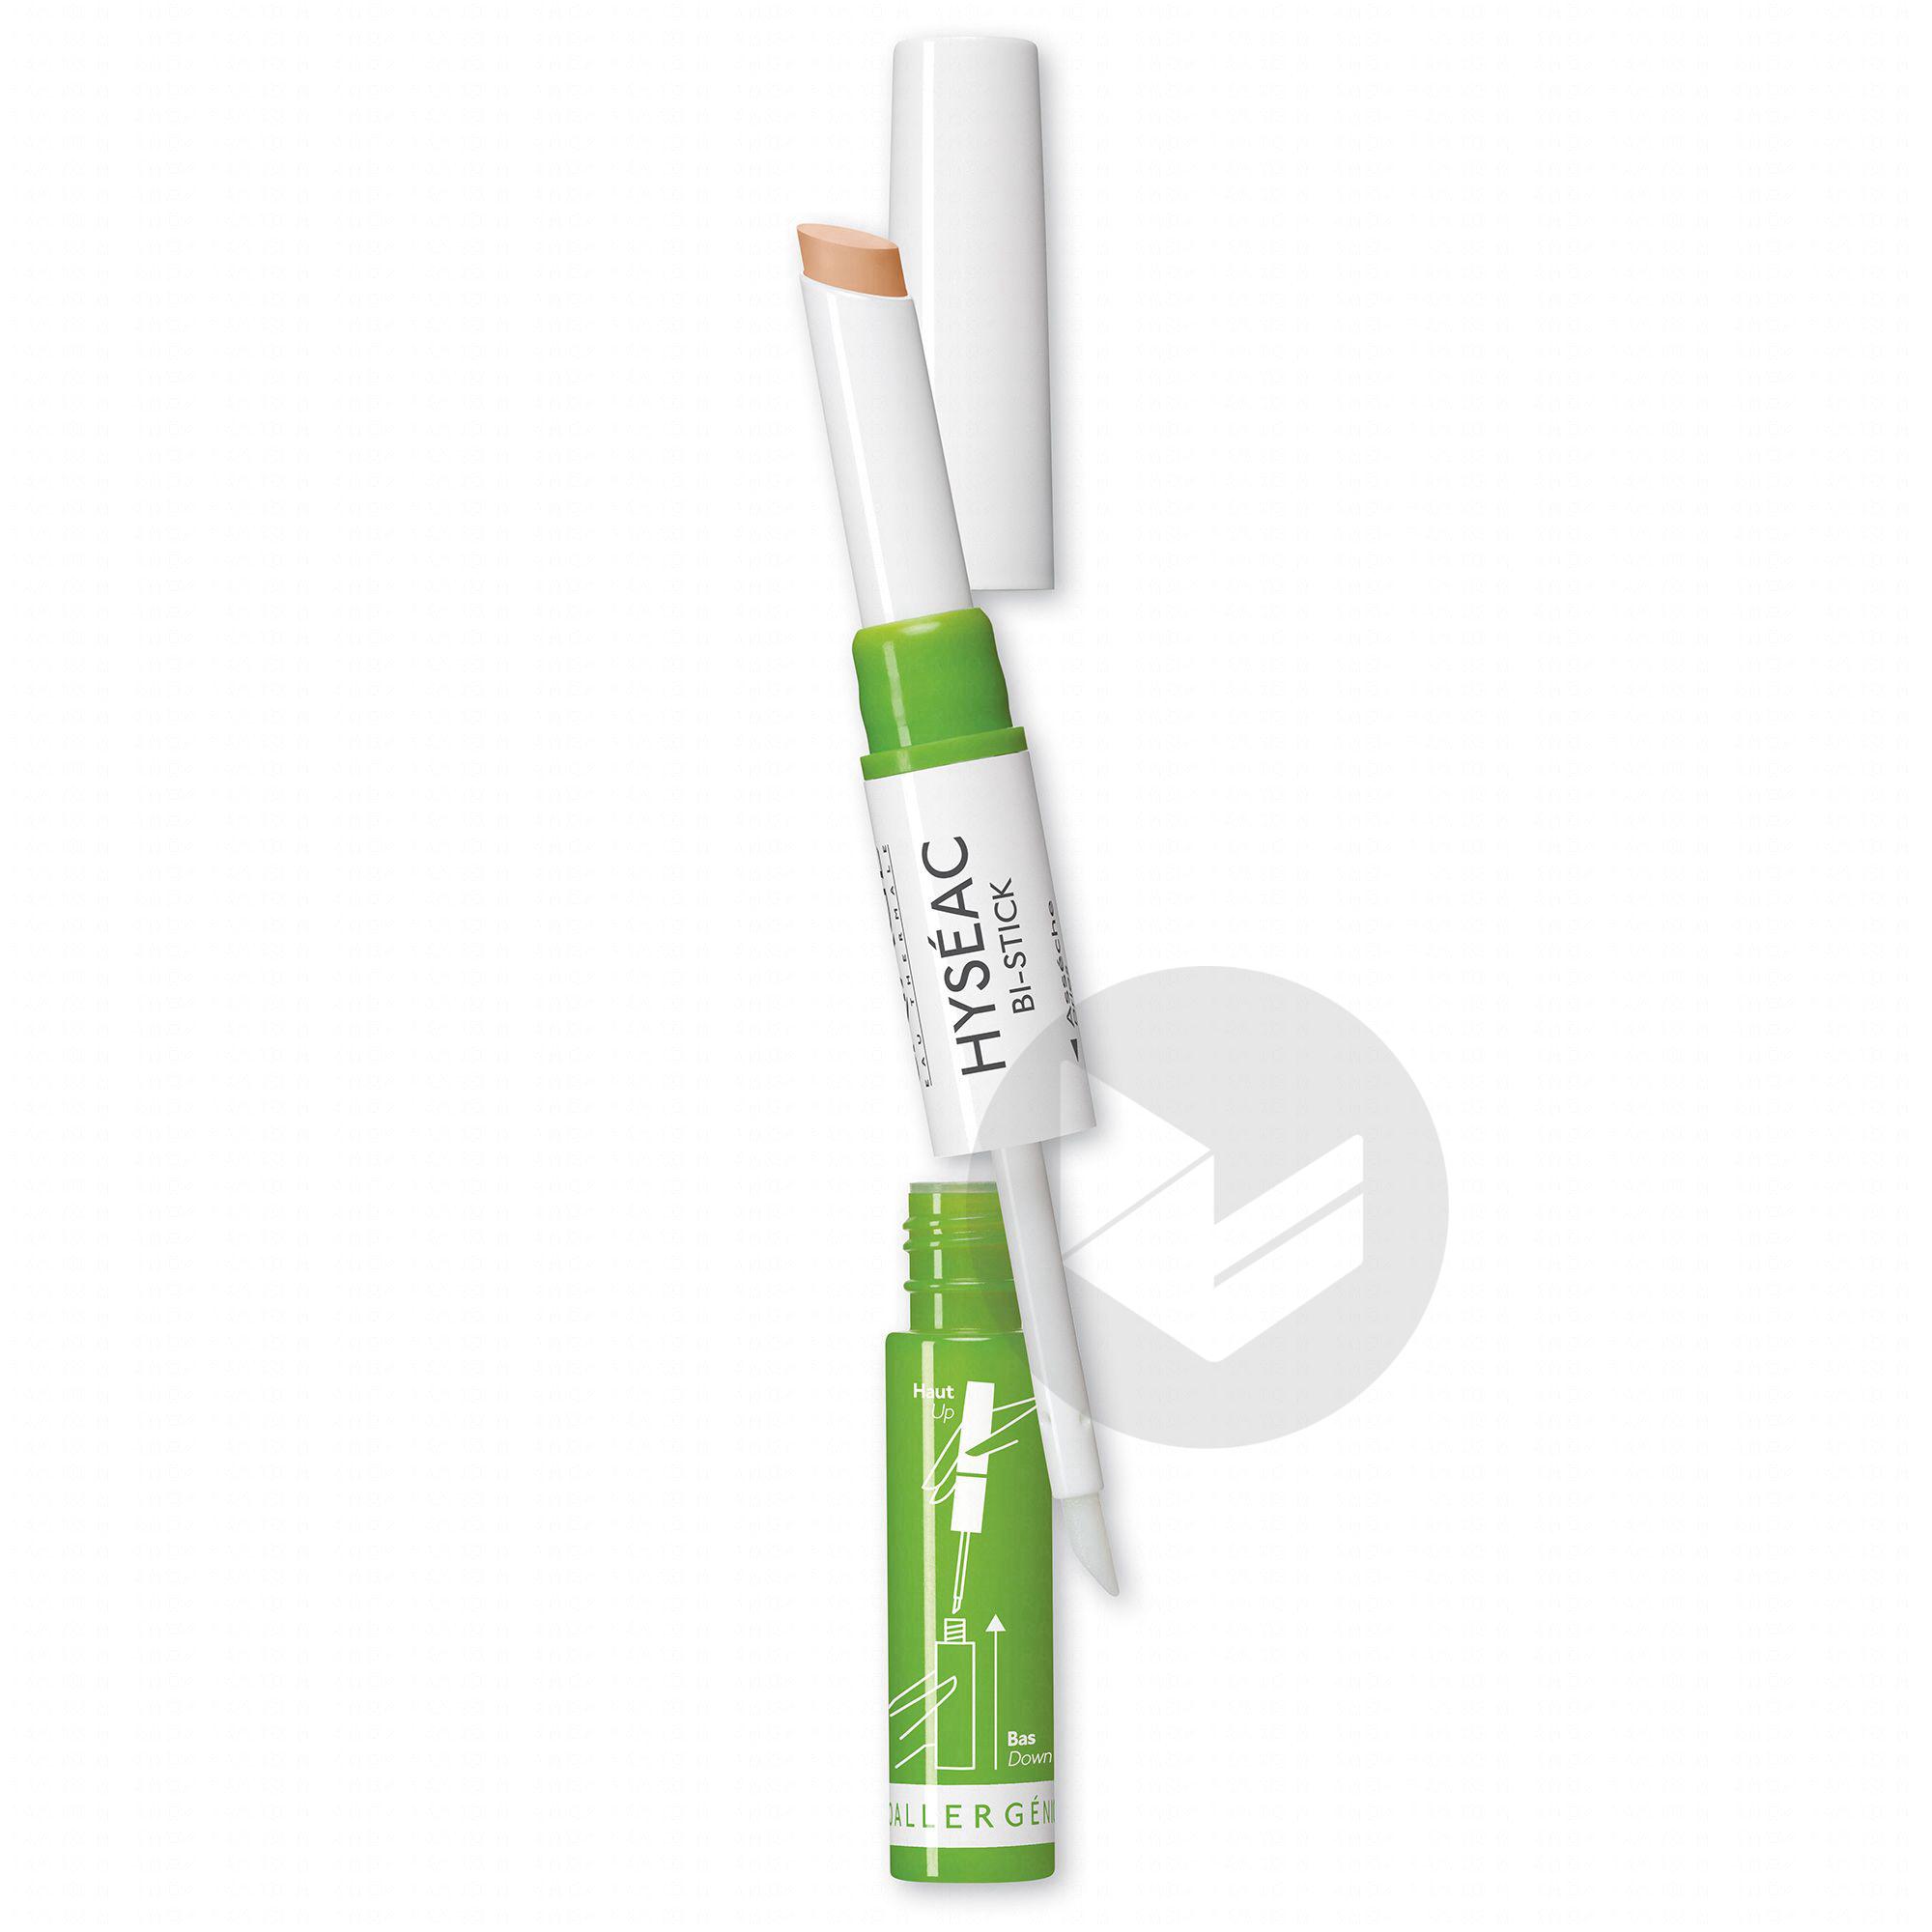 Hyseac Bi Stick Lotion 3 Ml Stick 1 G